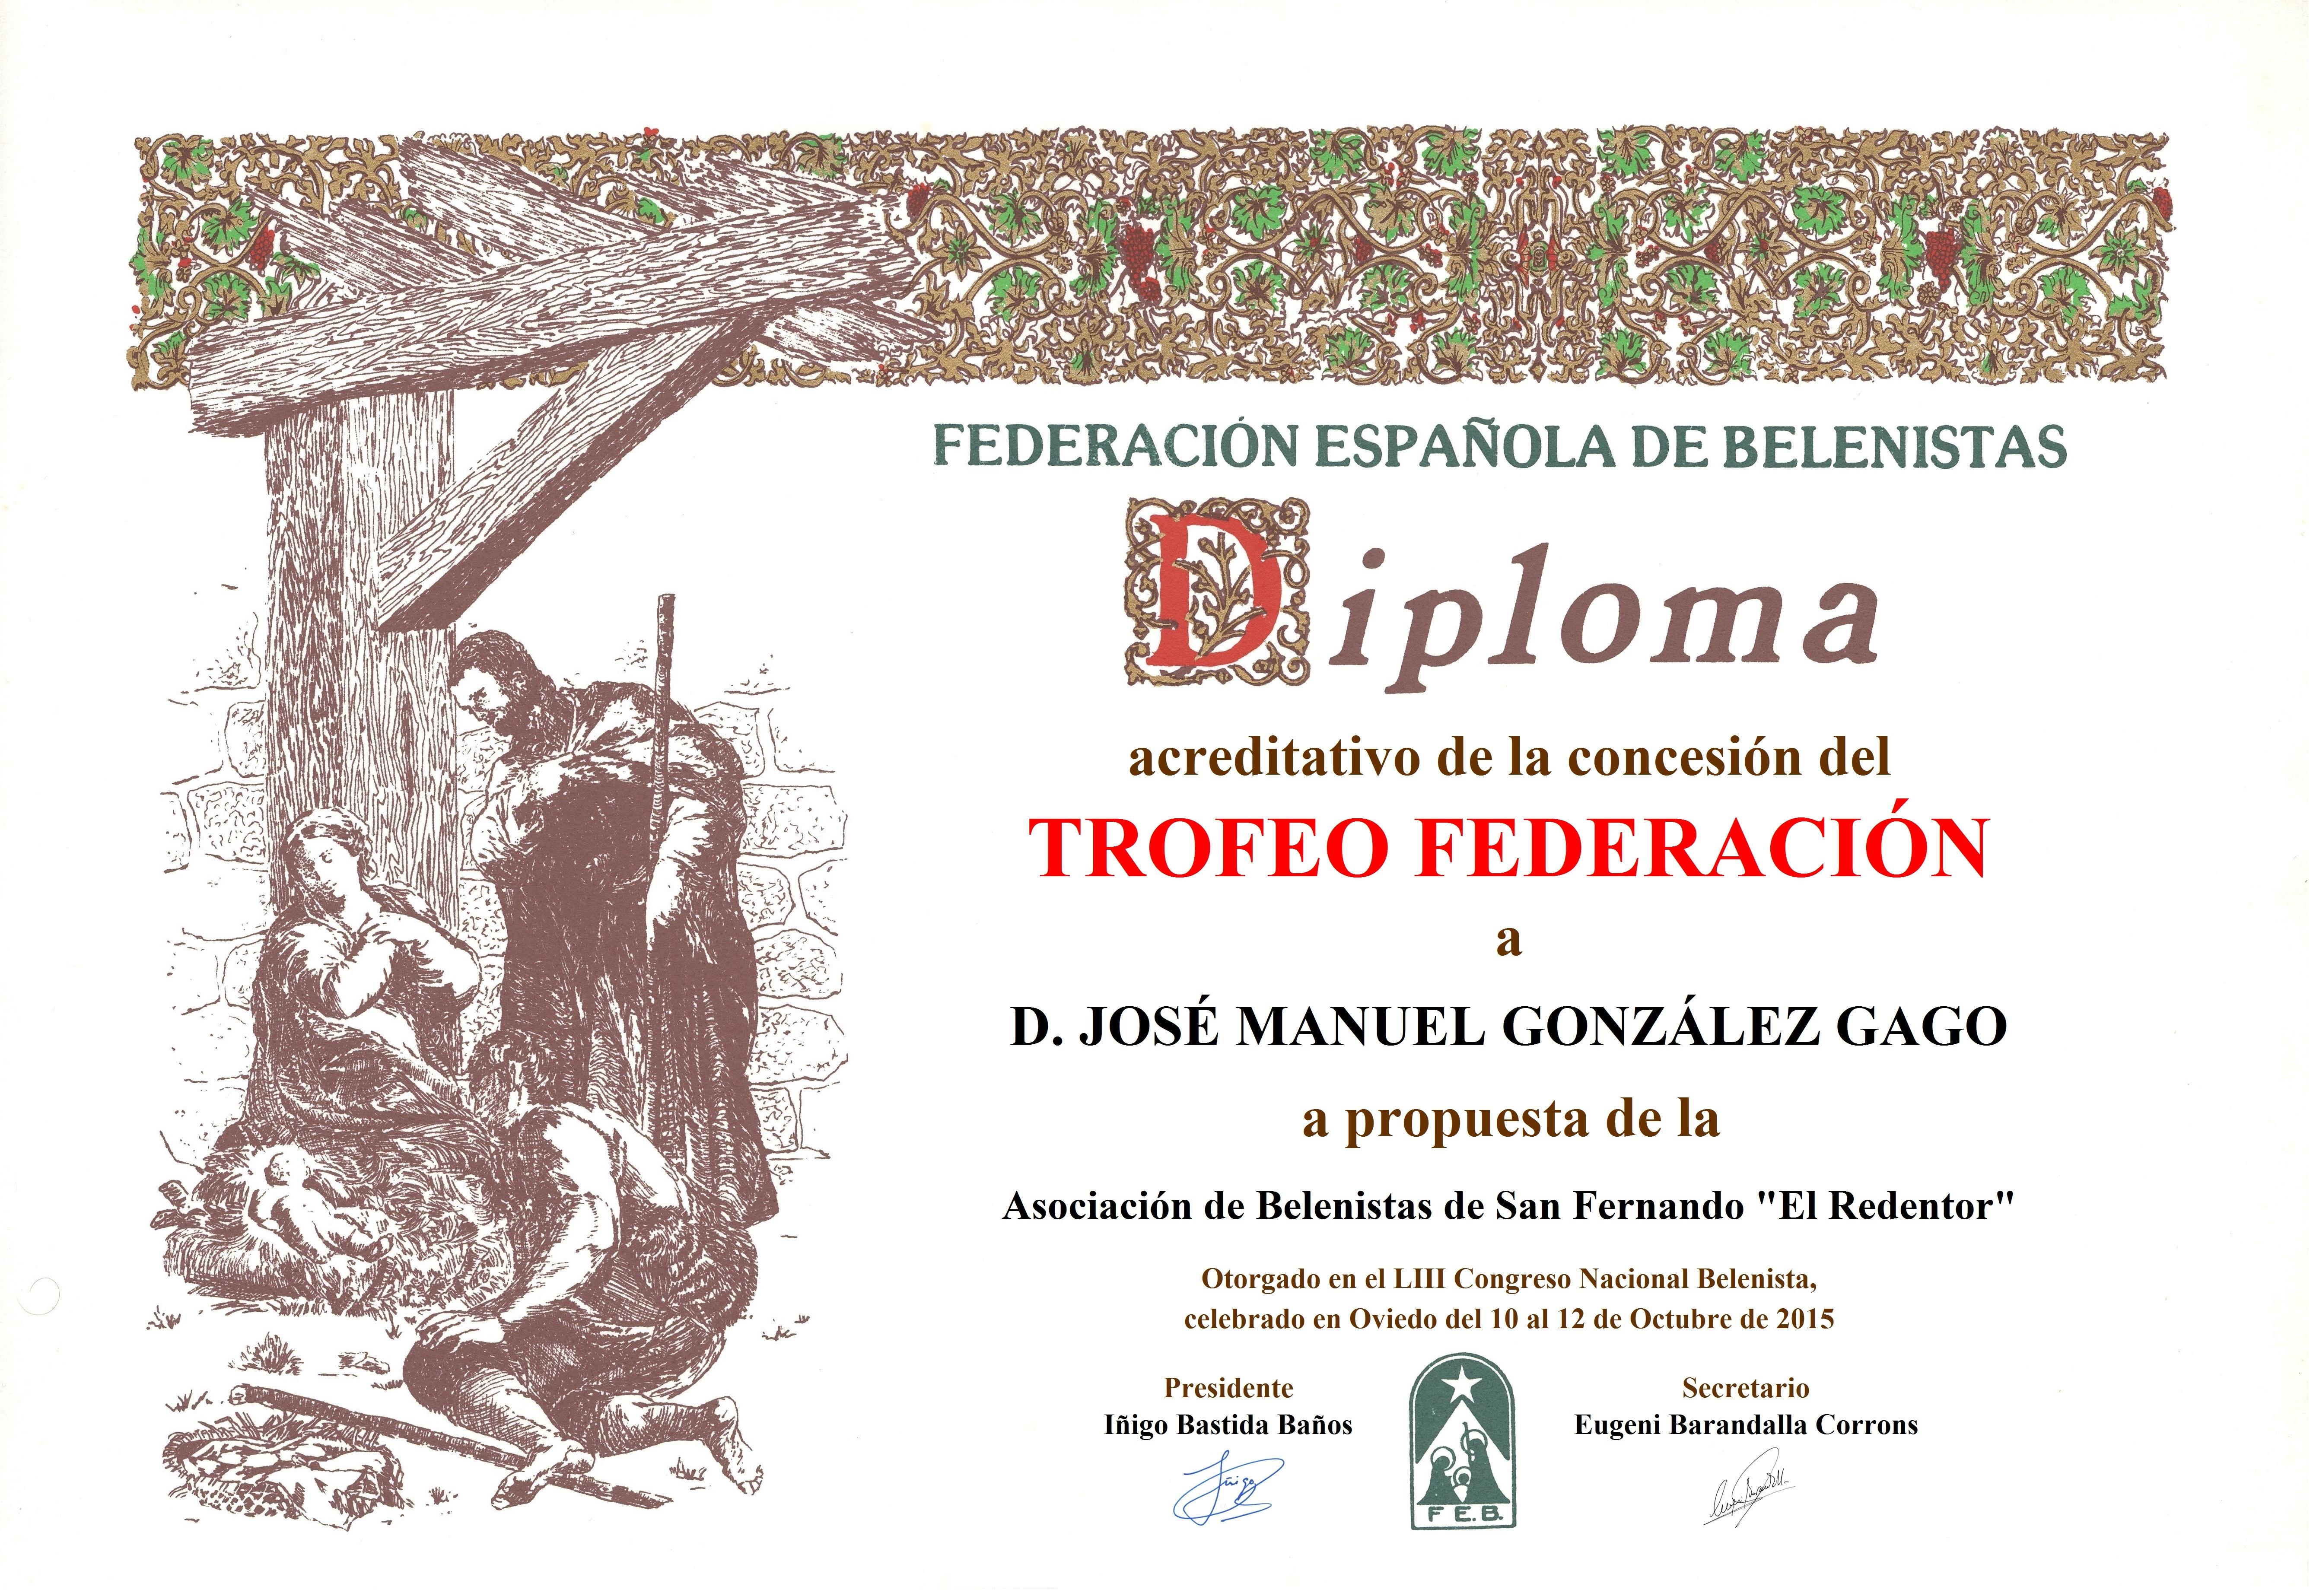 Diploma Trofeo FEB 2015 José Manuel González Gago